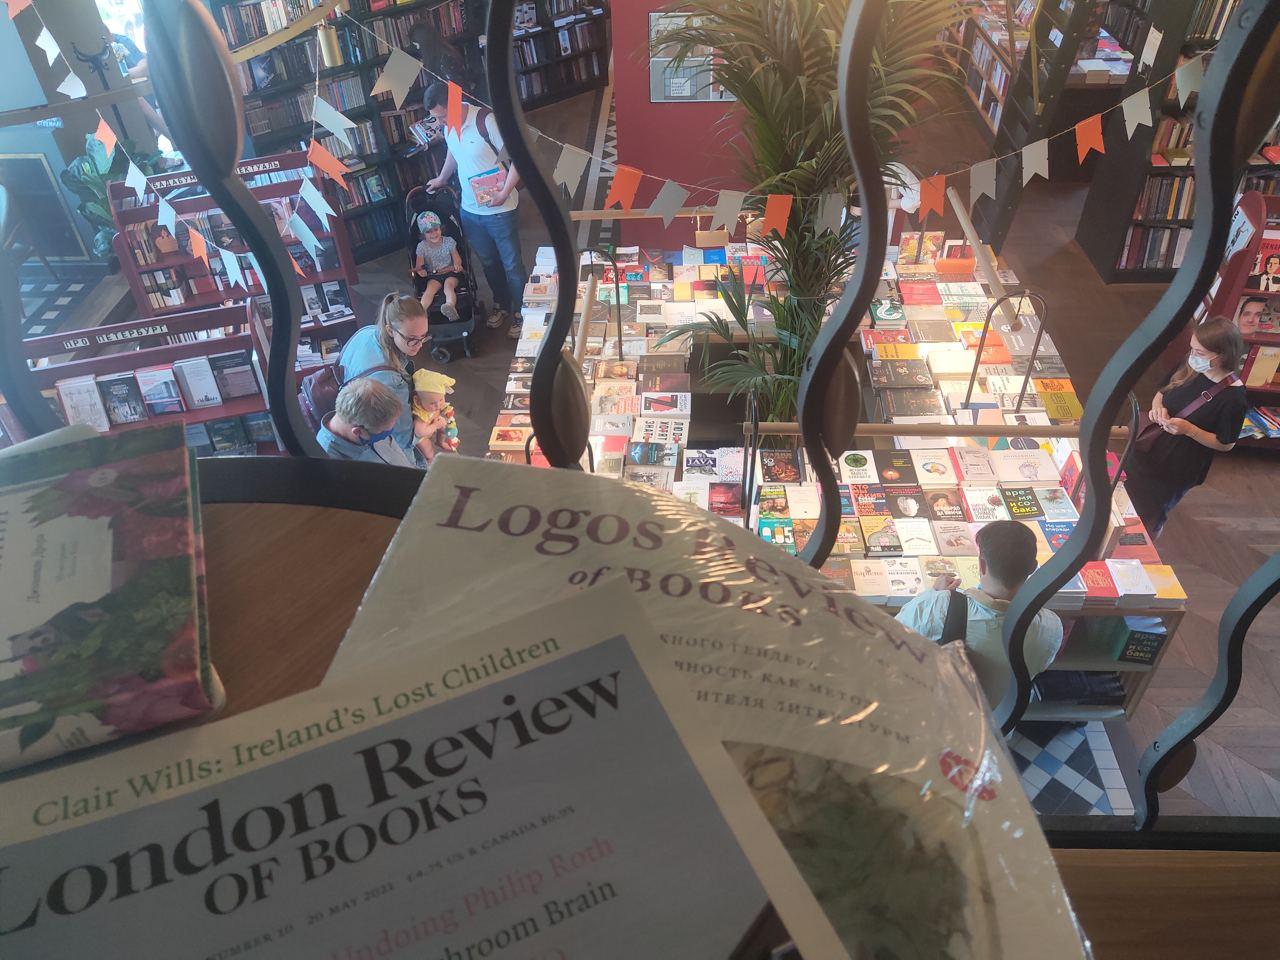 Автор Ален де Боттон, чей язык я просто обожаю, раз выиграл право пожить...